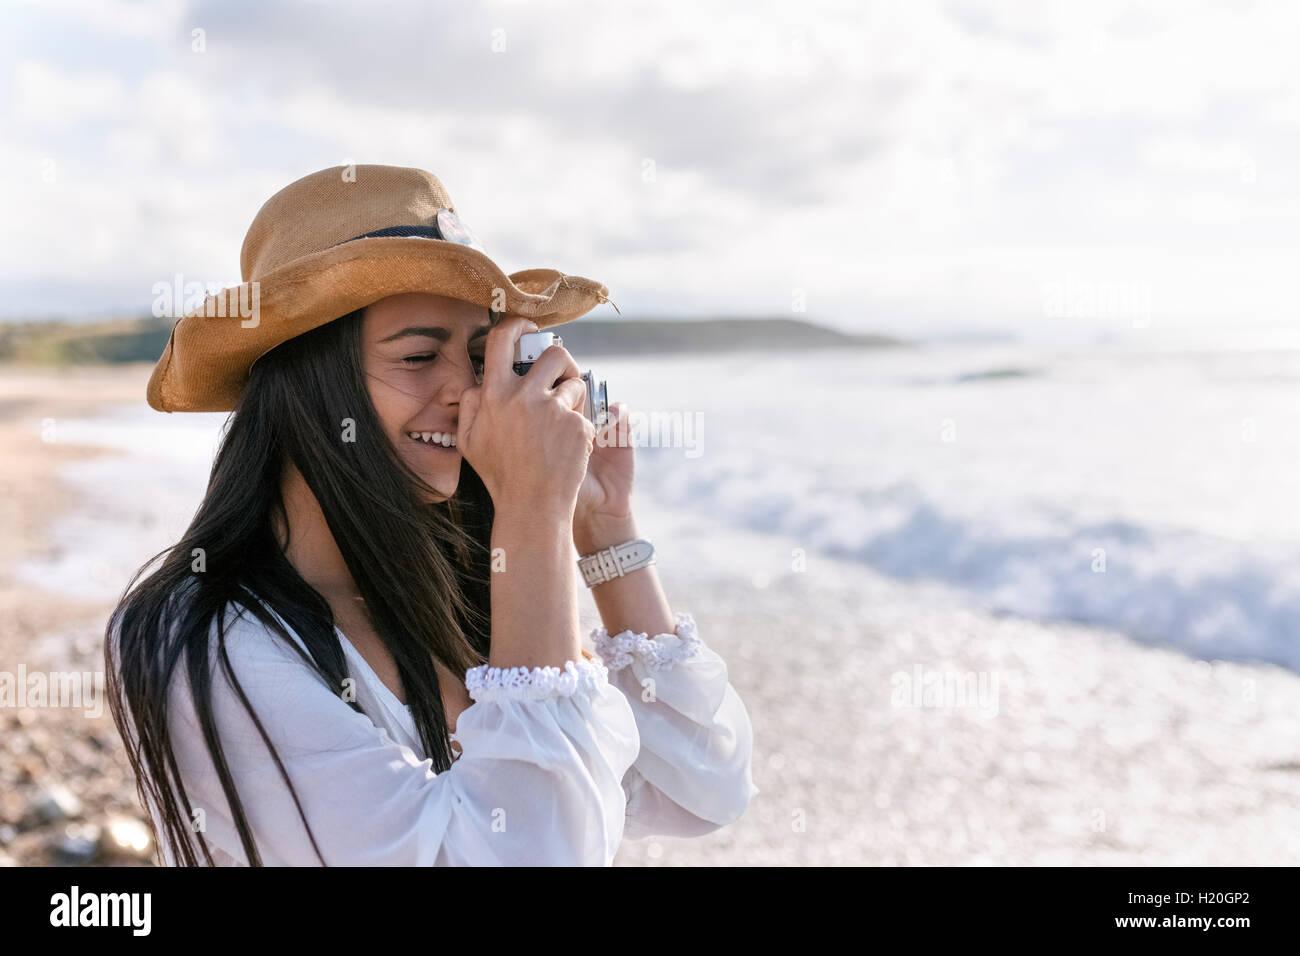 Les Asturies, Espagne, belle jeune femme avec un appareil photo sur la plage Banque D'Images